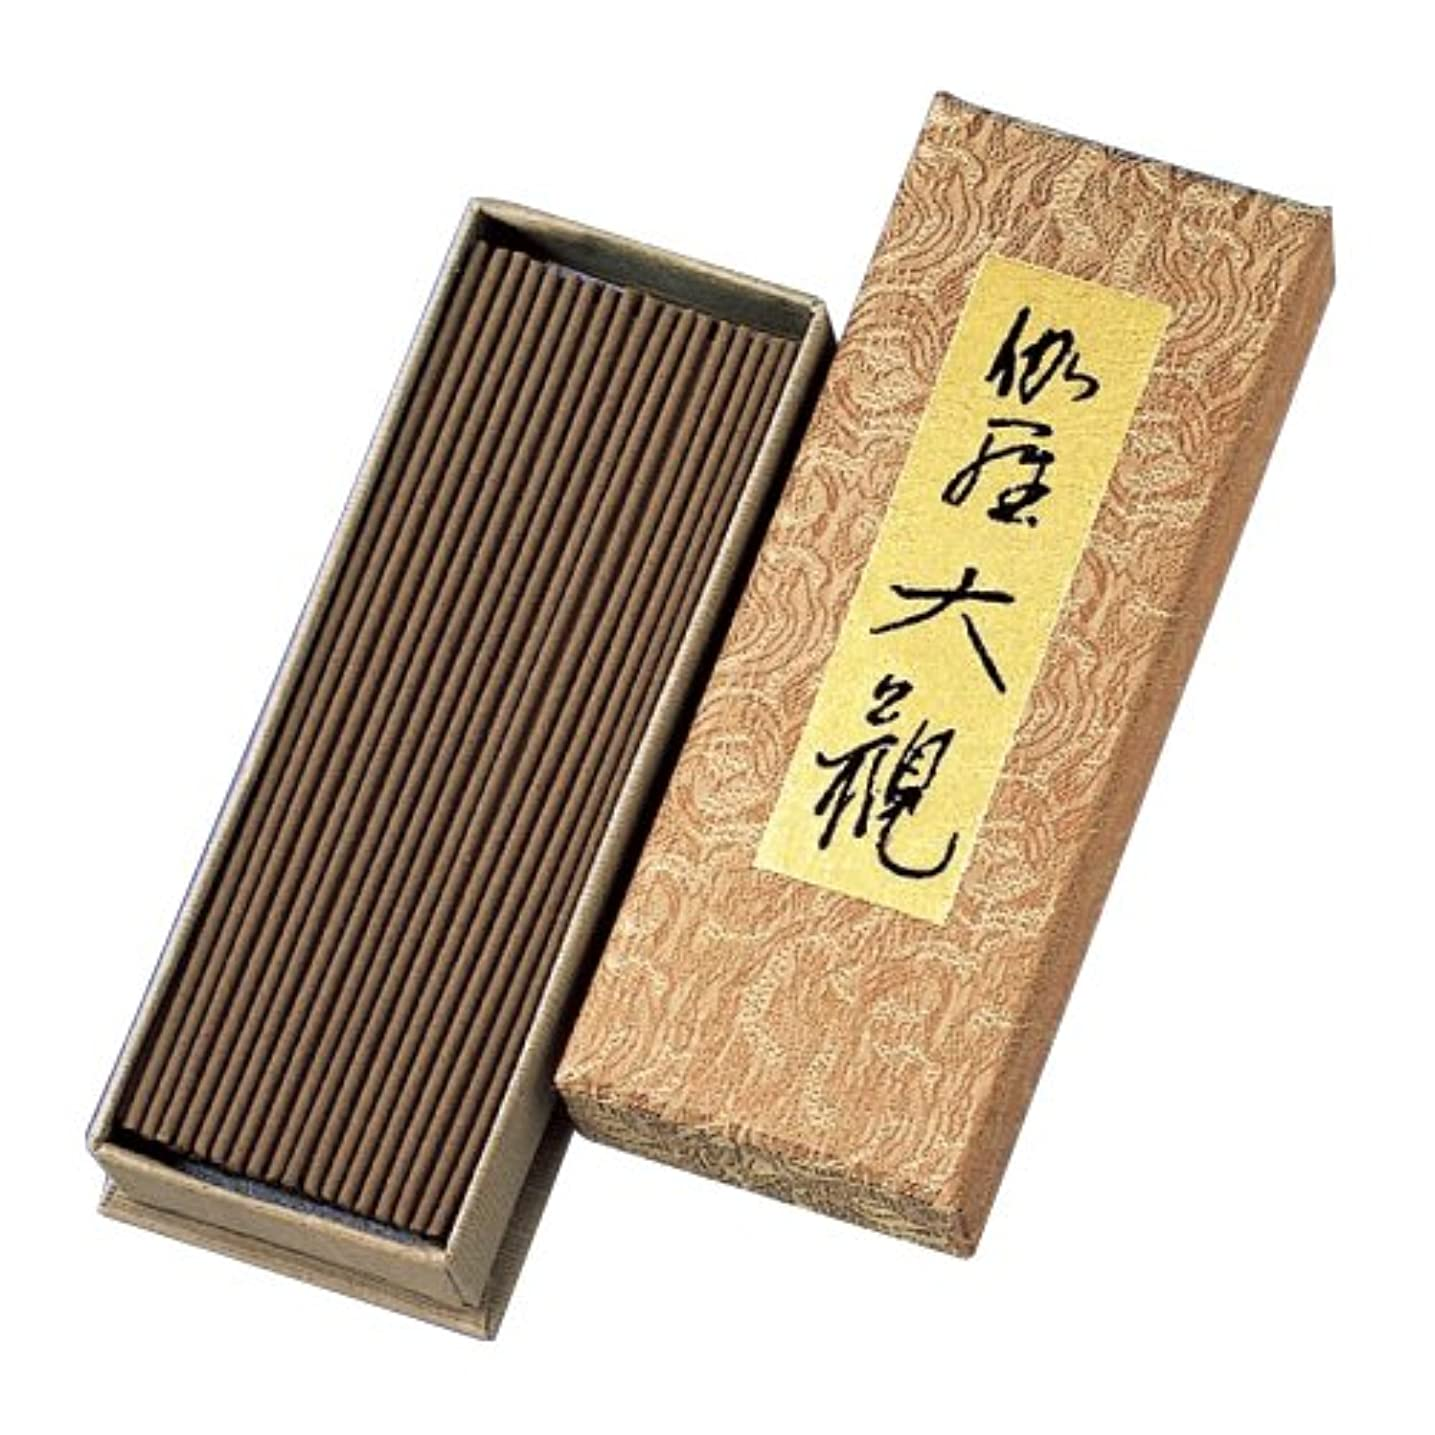 さておきコンソール肖像画Nippon Kodo – Kyara Taikan – プレミアムAloeswood Incense 150 sticks